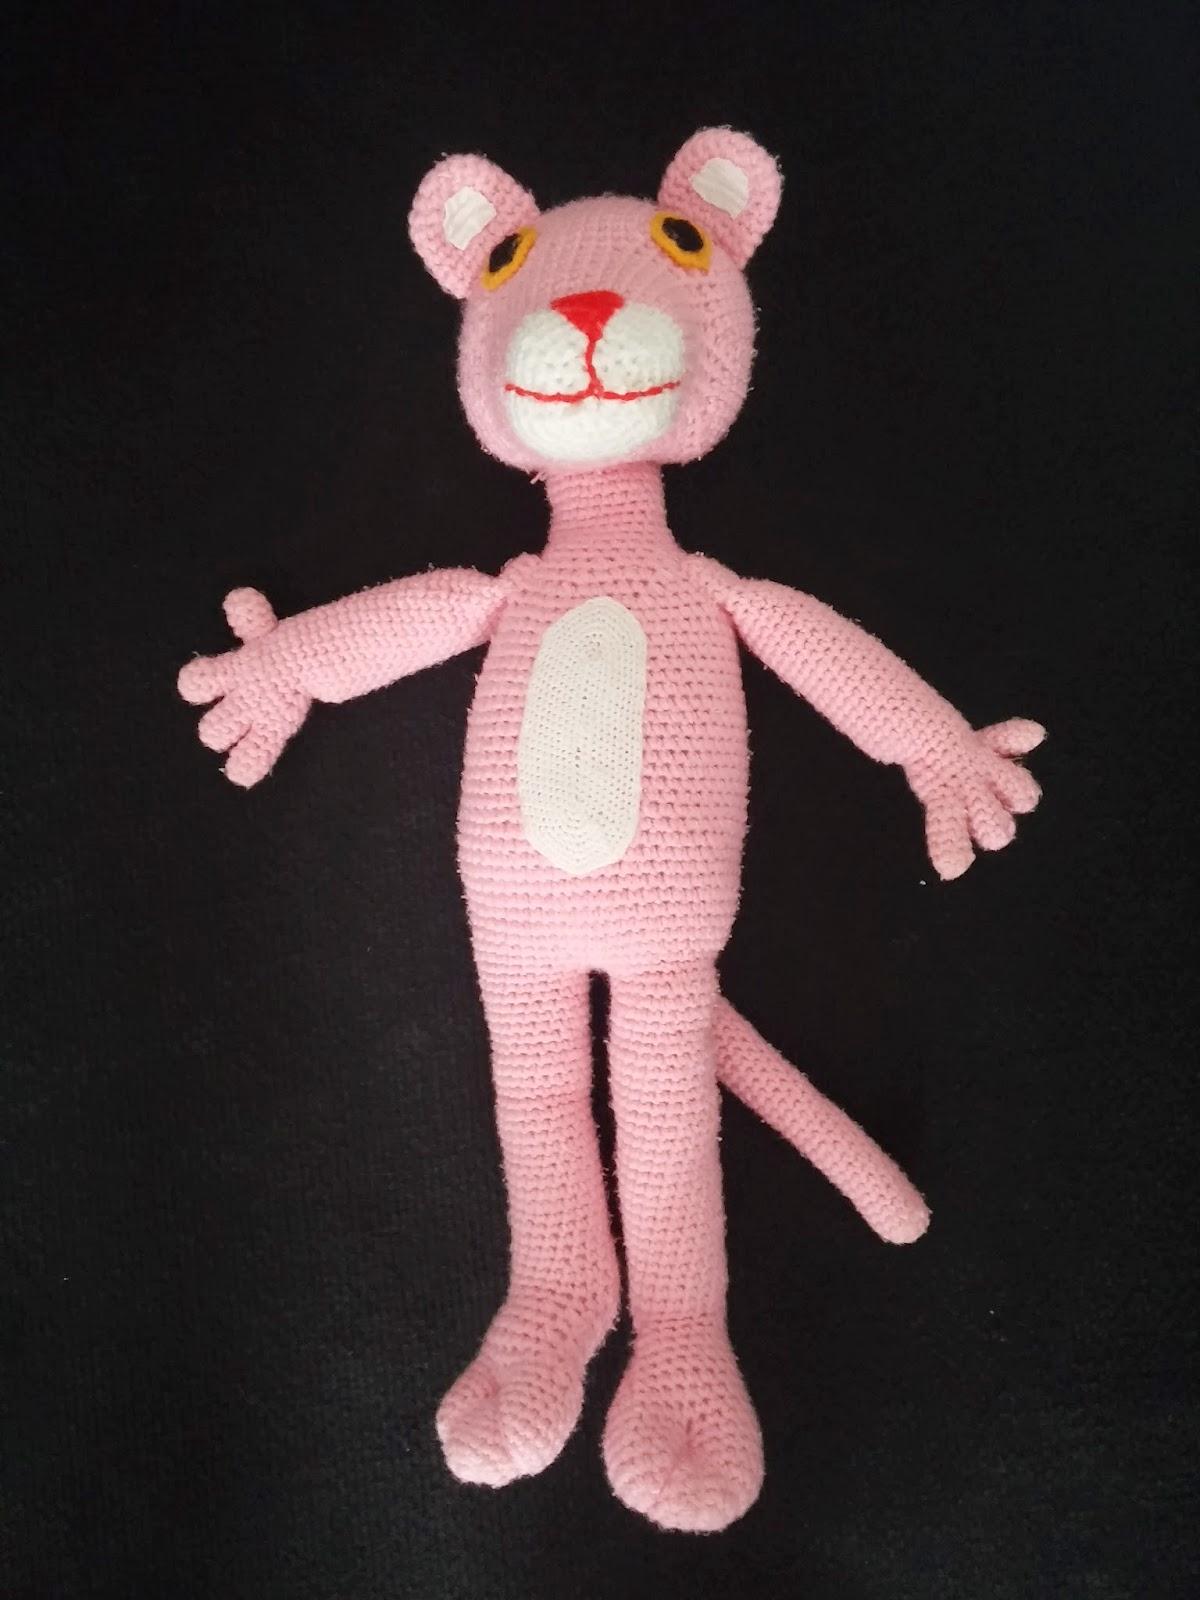 Pembe panter oyuncak - Sahibinden El Örgüsü Oyuncak & Amigurumi ... | 1600x1200